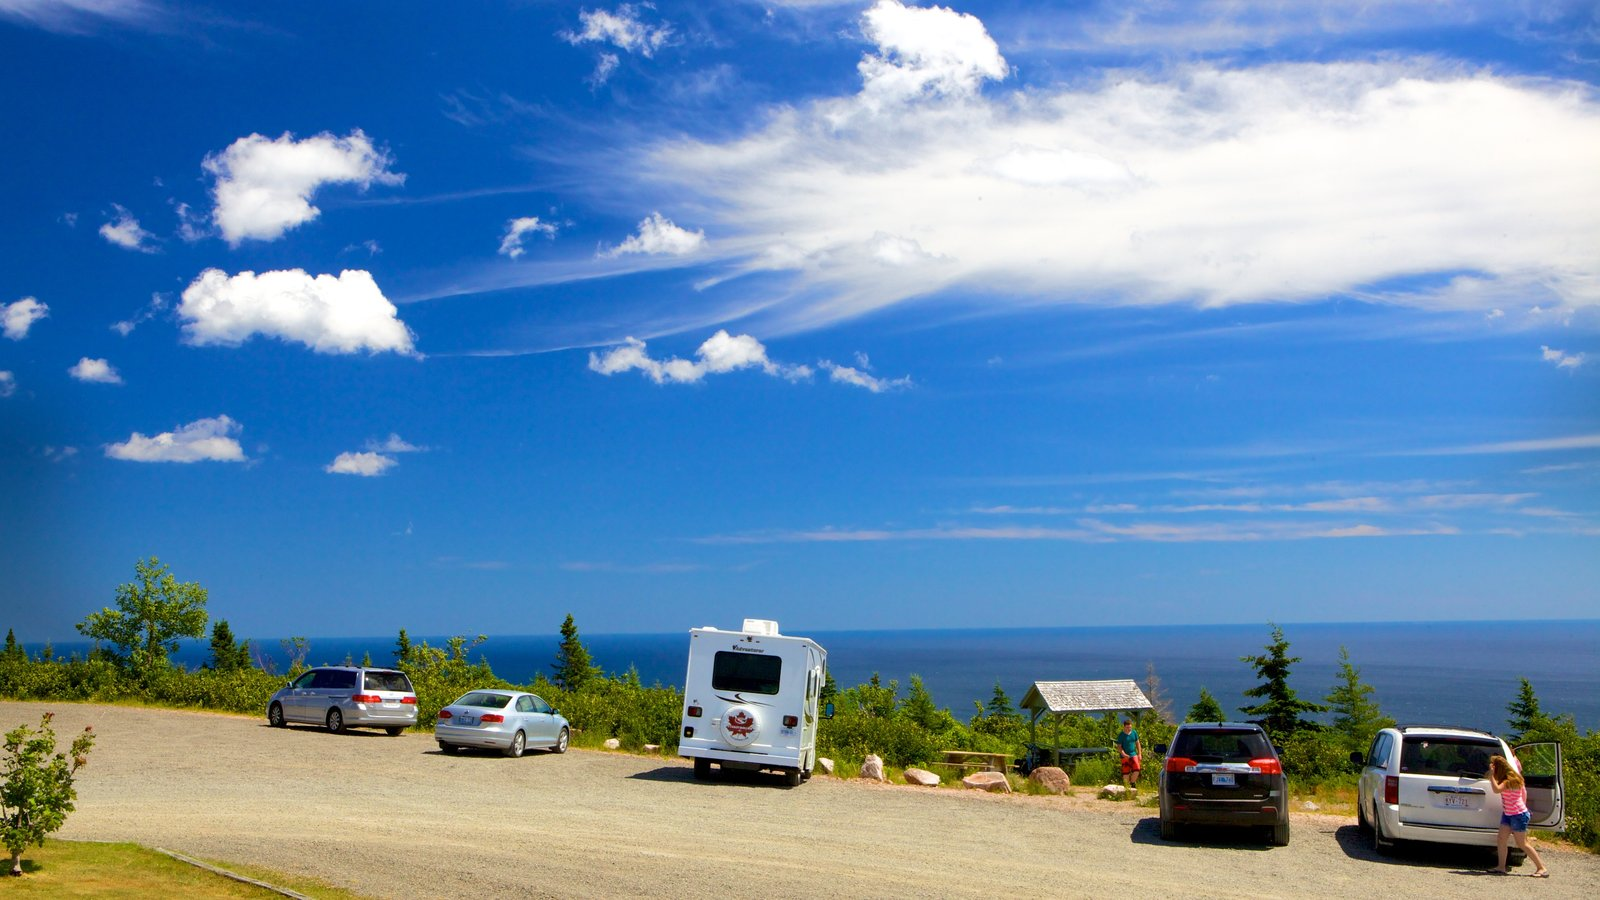 Cape Smokey mostrando paisagens litorâneas